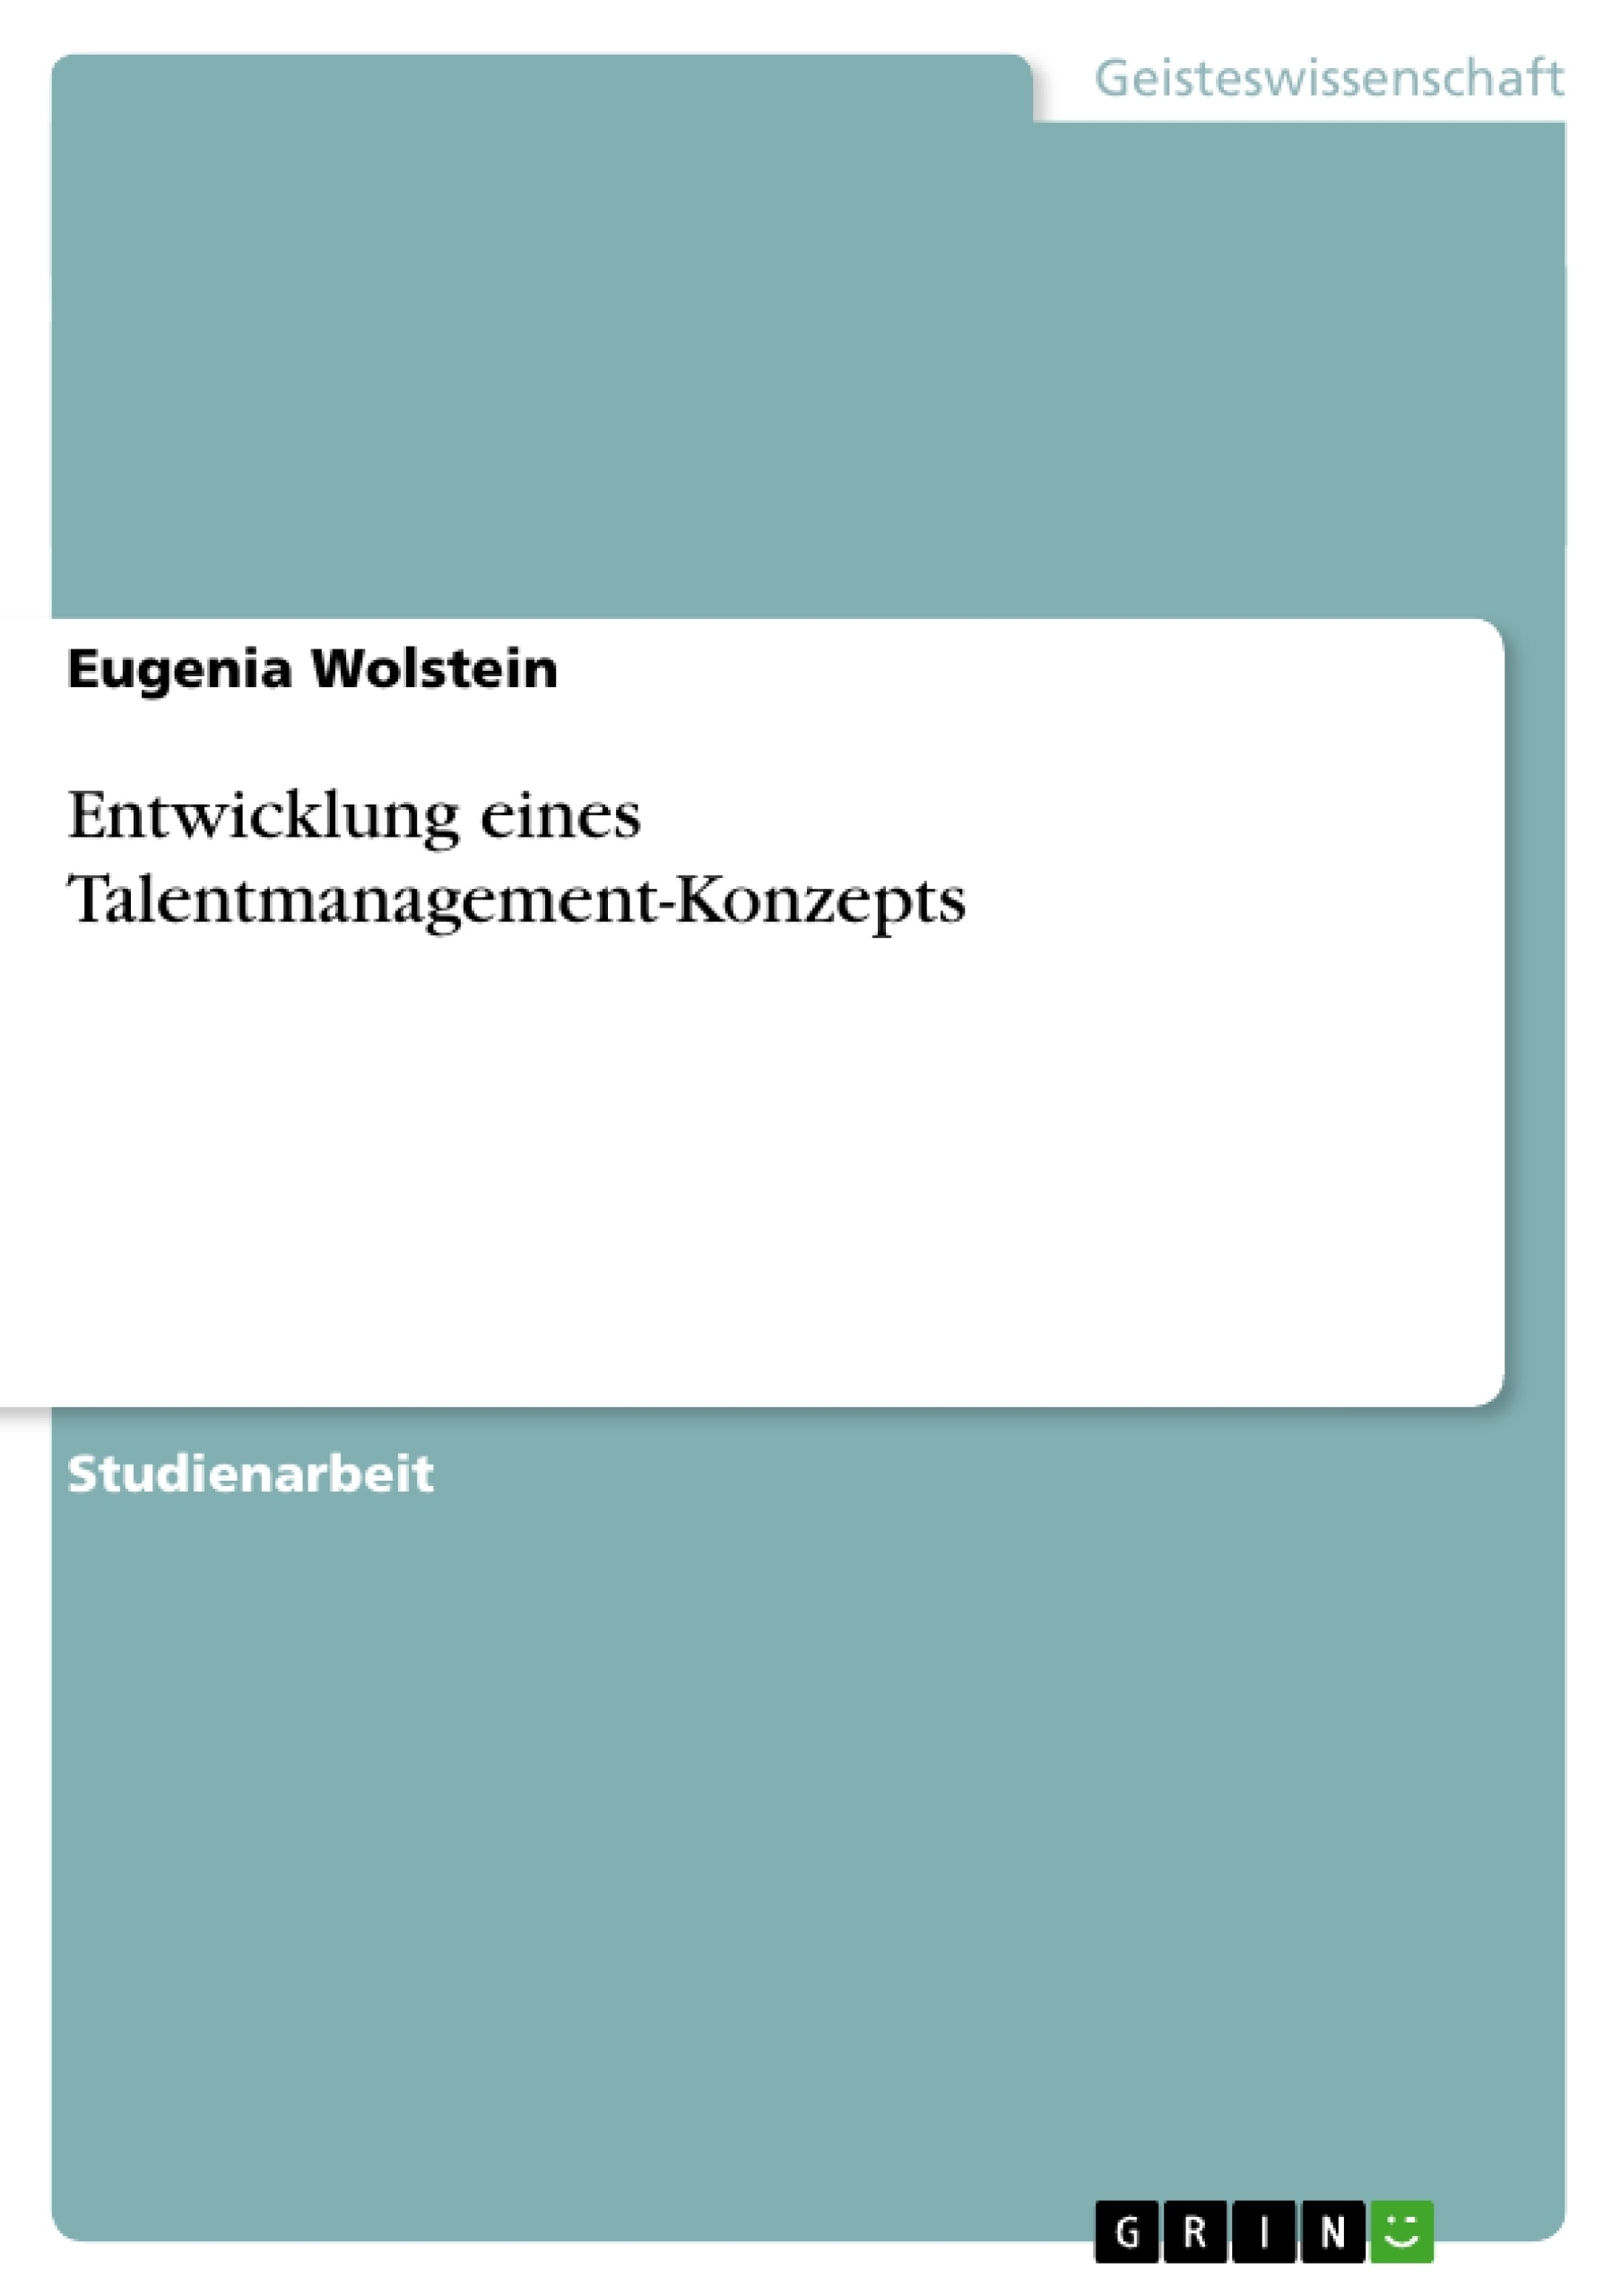 Titel: Entwicklung eines Talentmanagement-Konzepts